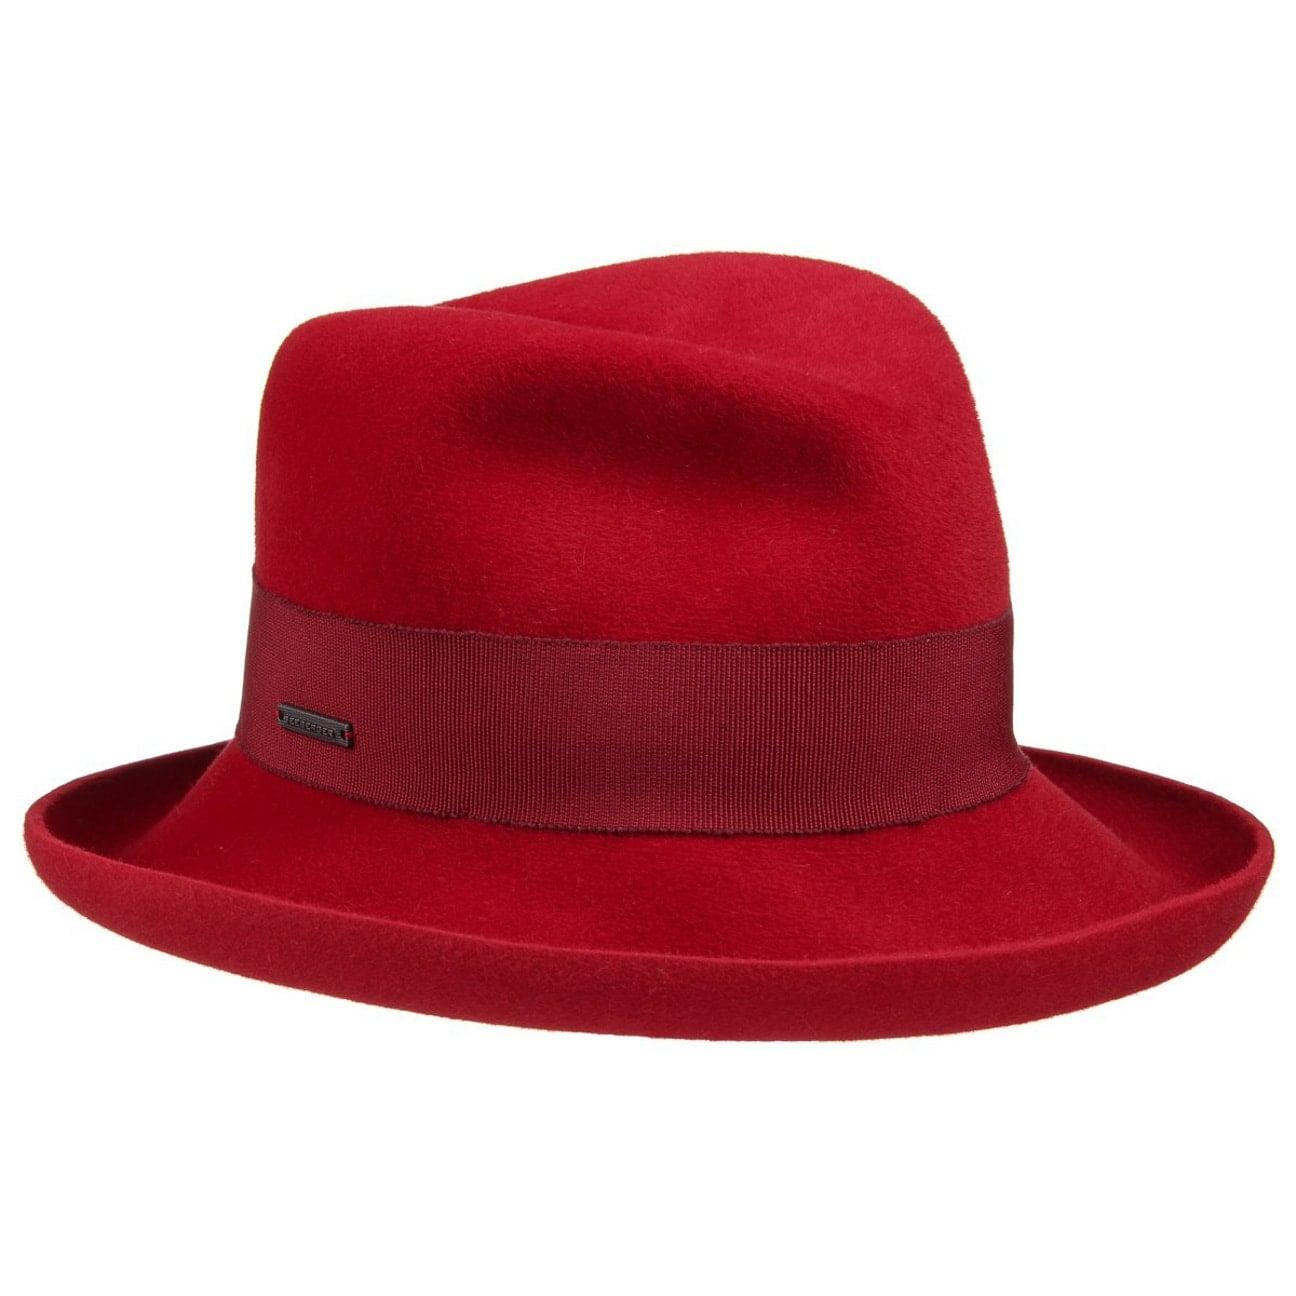 Chapeau Feutre Poil Velours by Seeberger Chapeaux rouge One Size